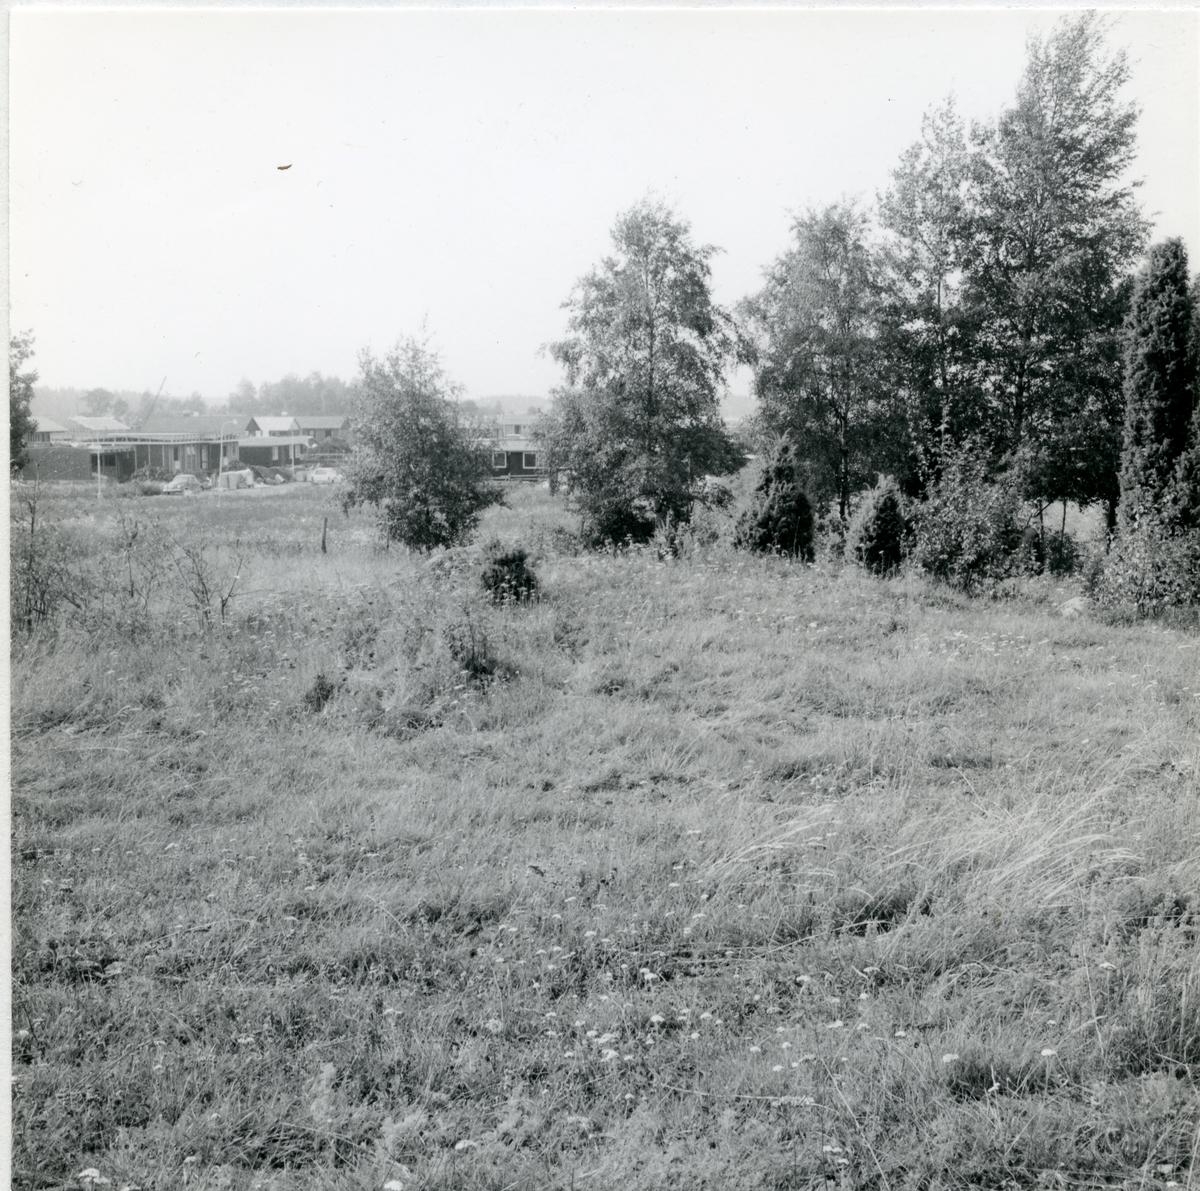 Fornlämning anläggning nr 84, Rönnby, Västerås, 1970.